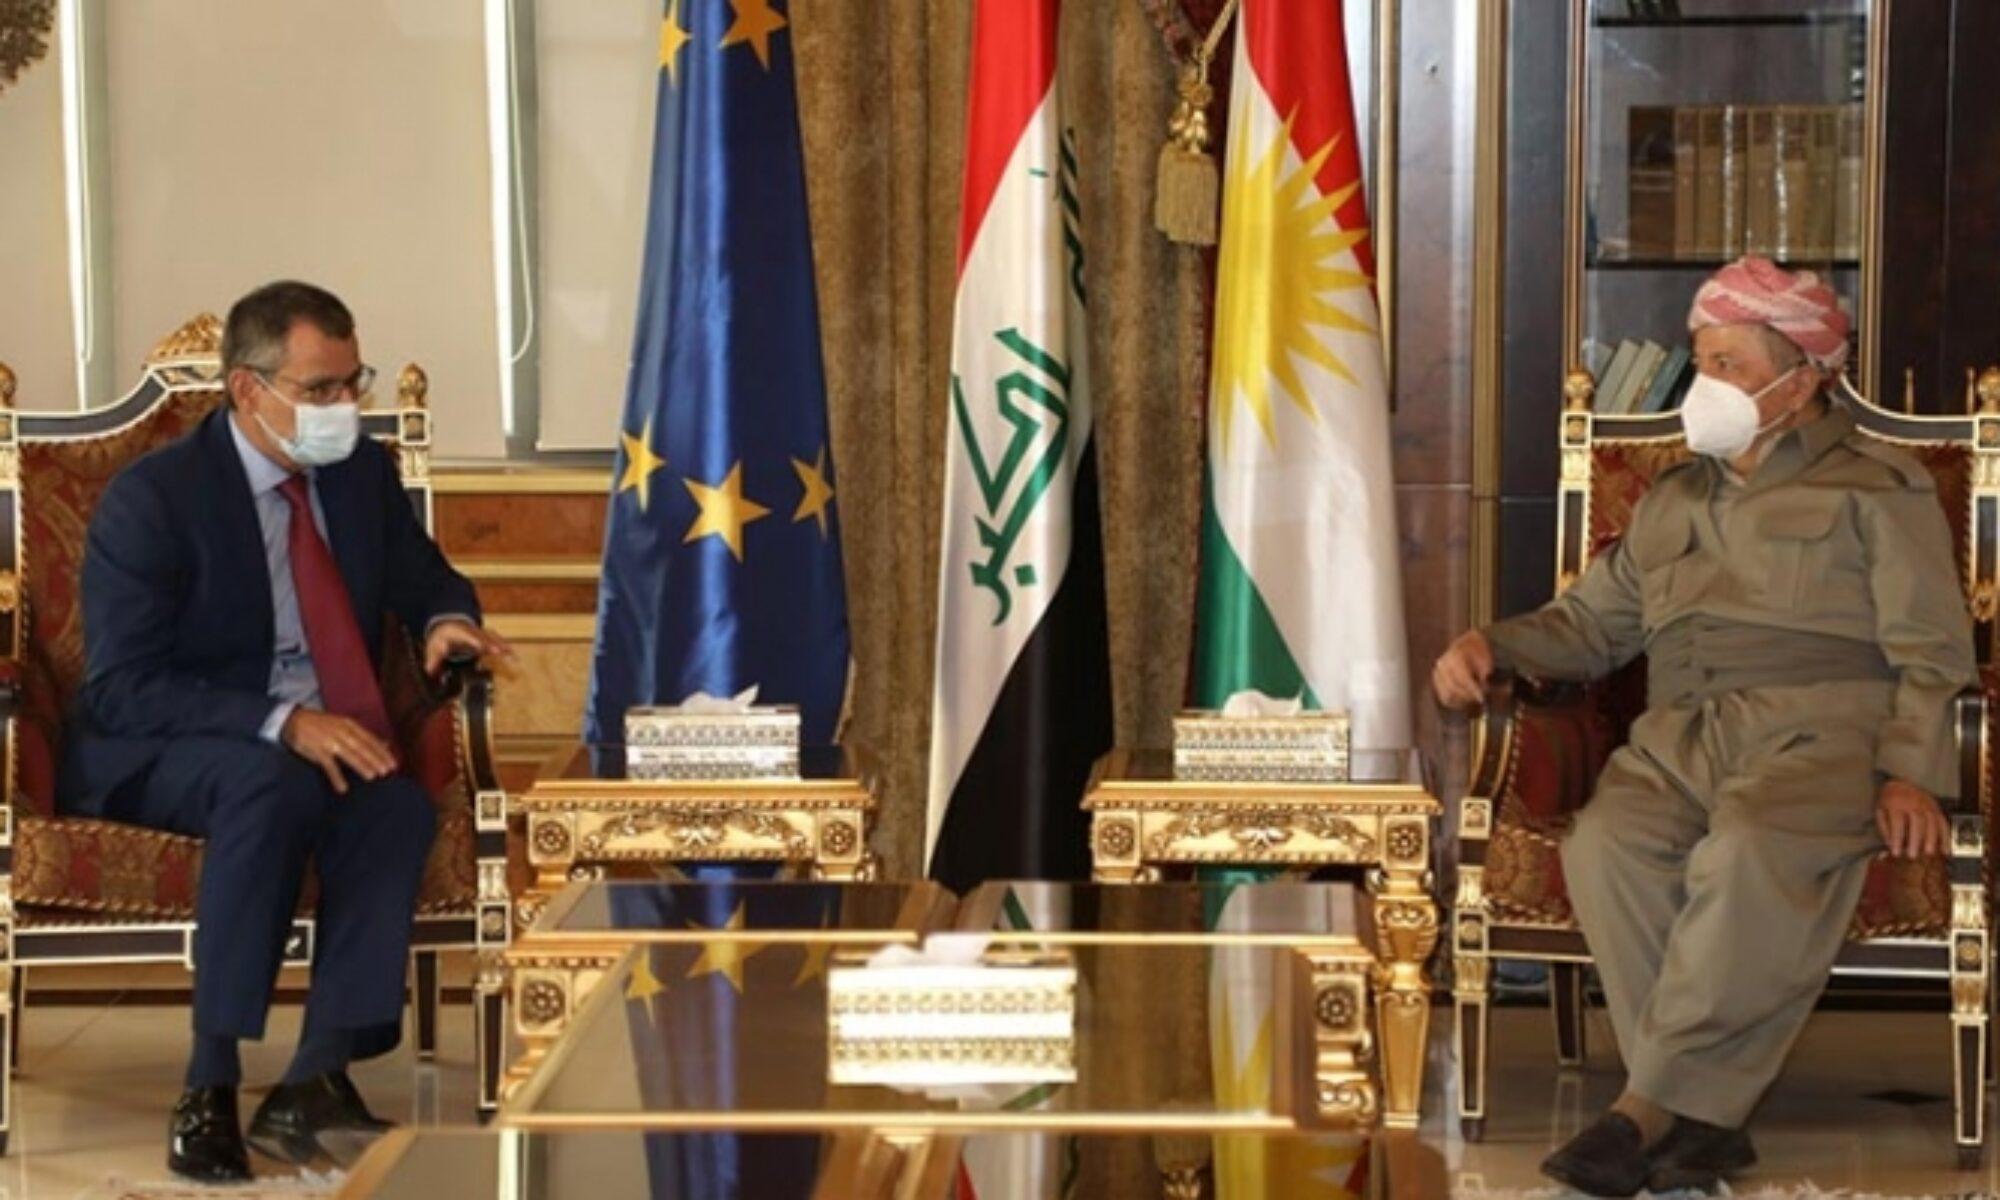 Mesut Barzani, Avrupa Birliği'nin Bağdat Büyüelçisi ile Suriye meselesini görüştü